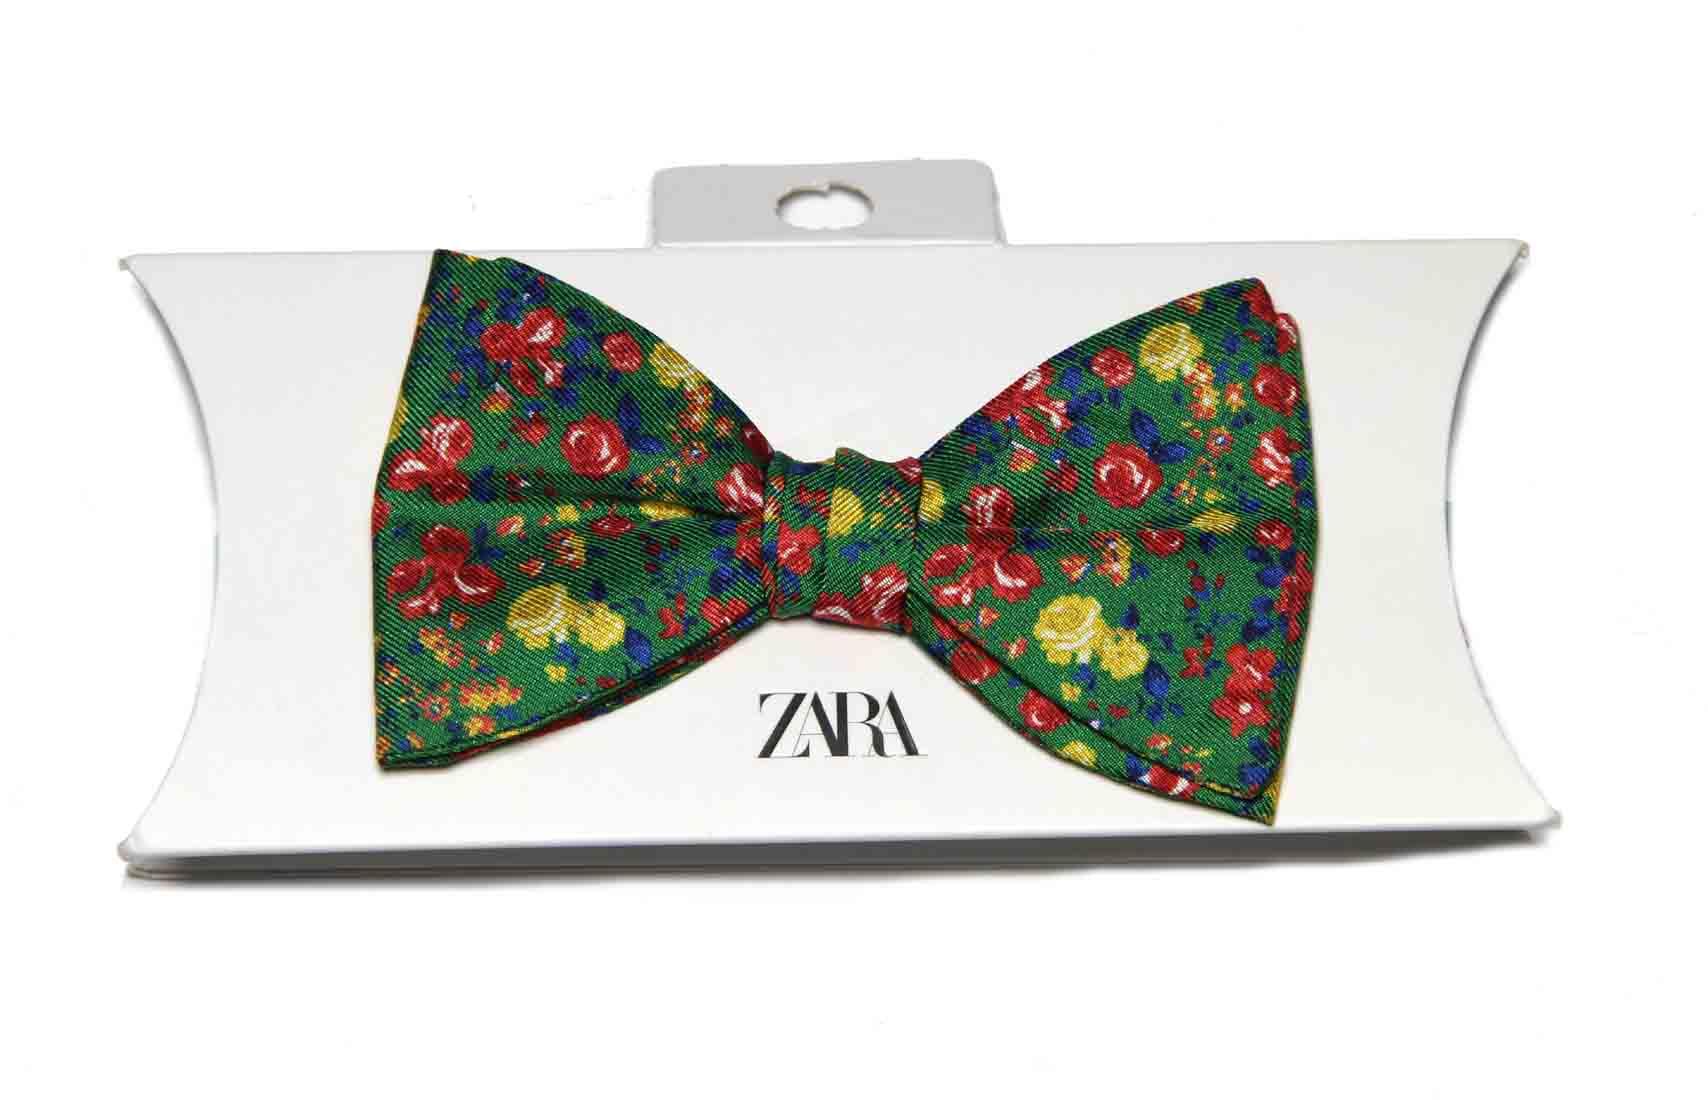 Zara Floral Bow Tie Silk Multicolor Men's